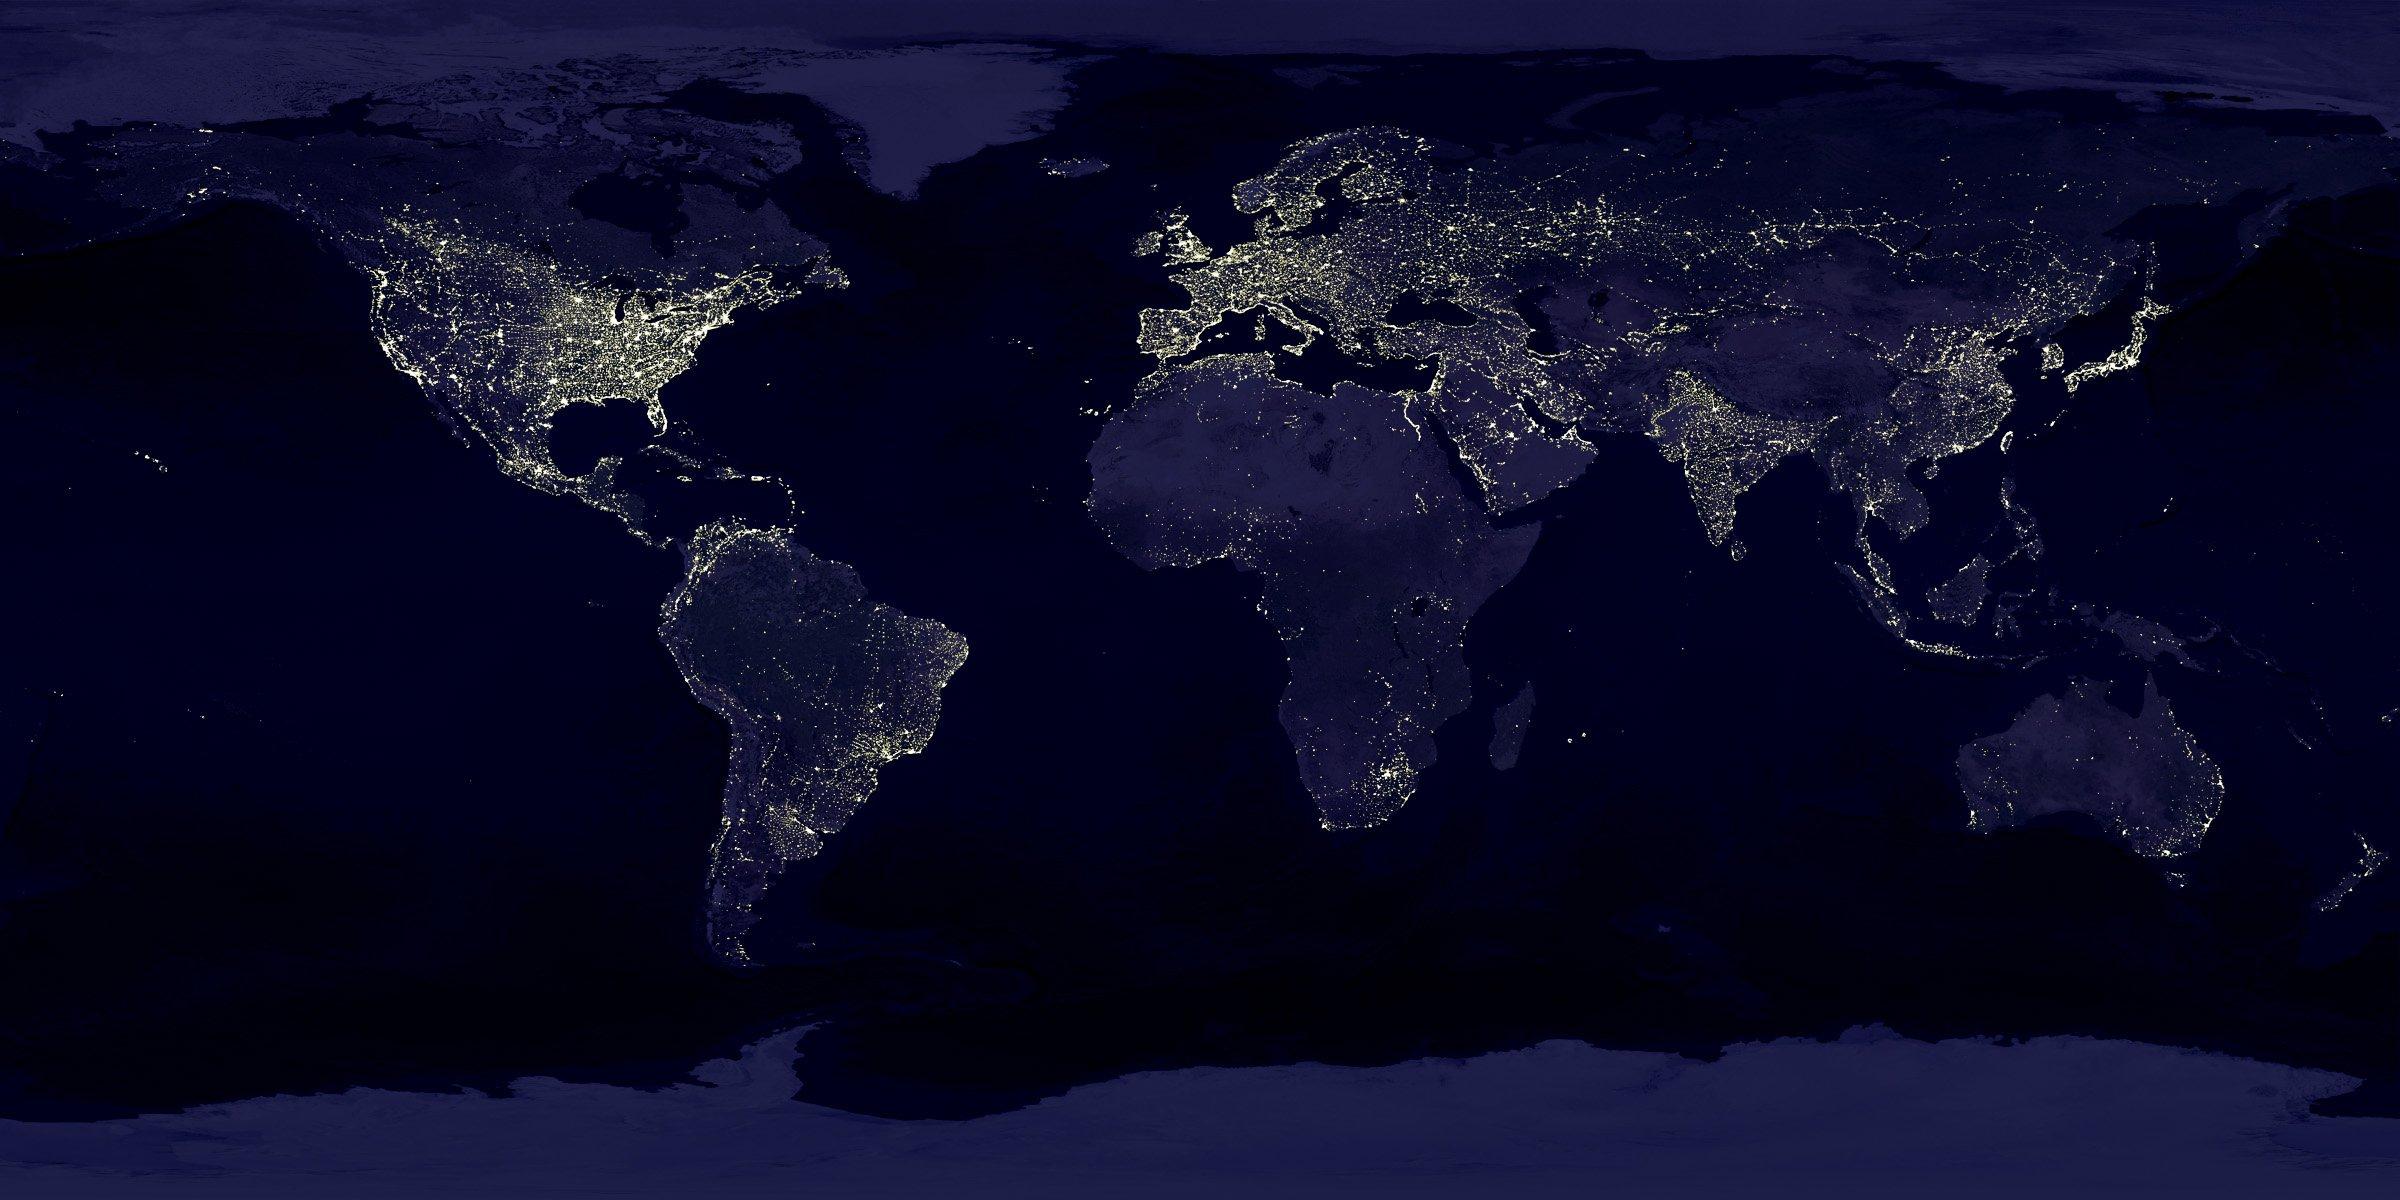 карта космоса фото вся земли из